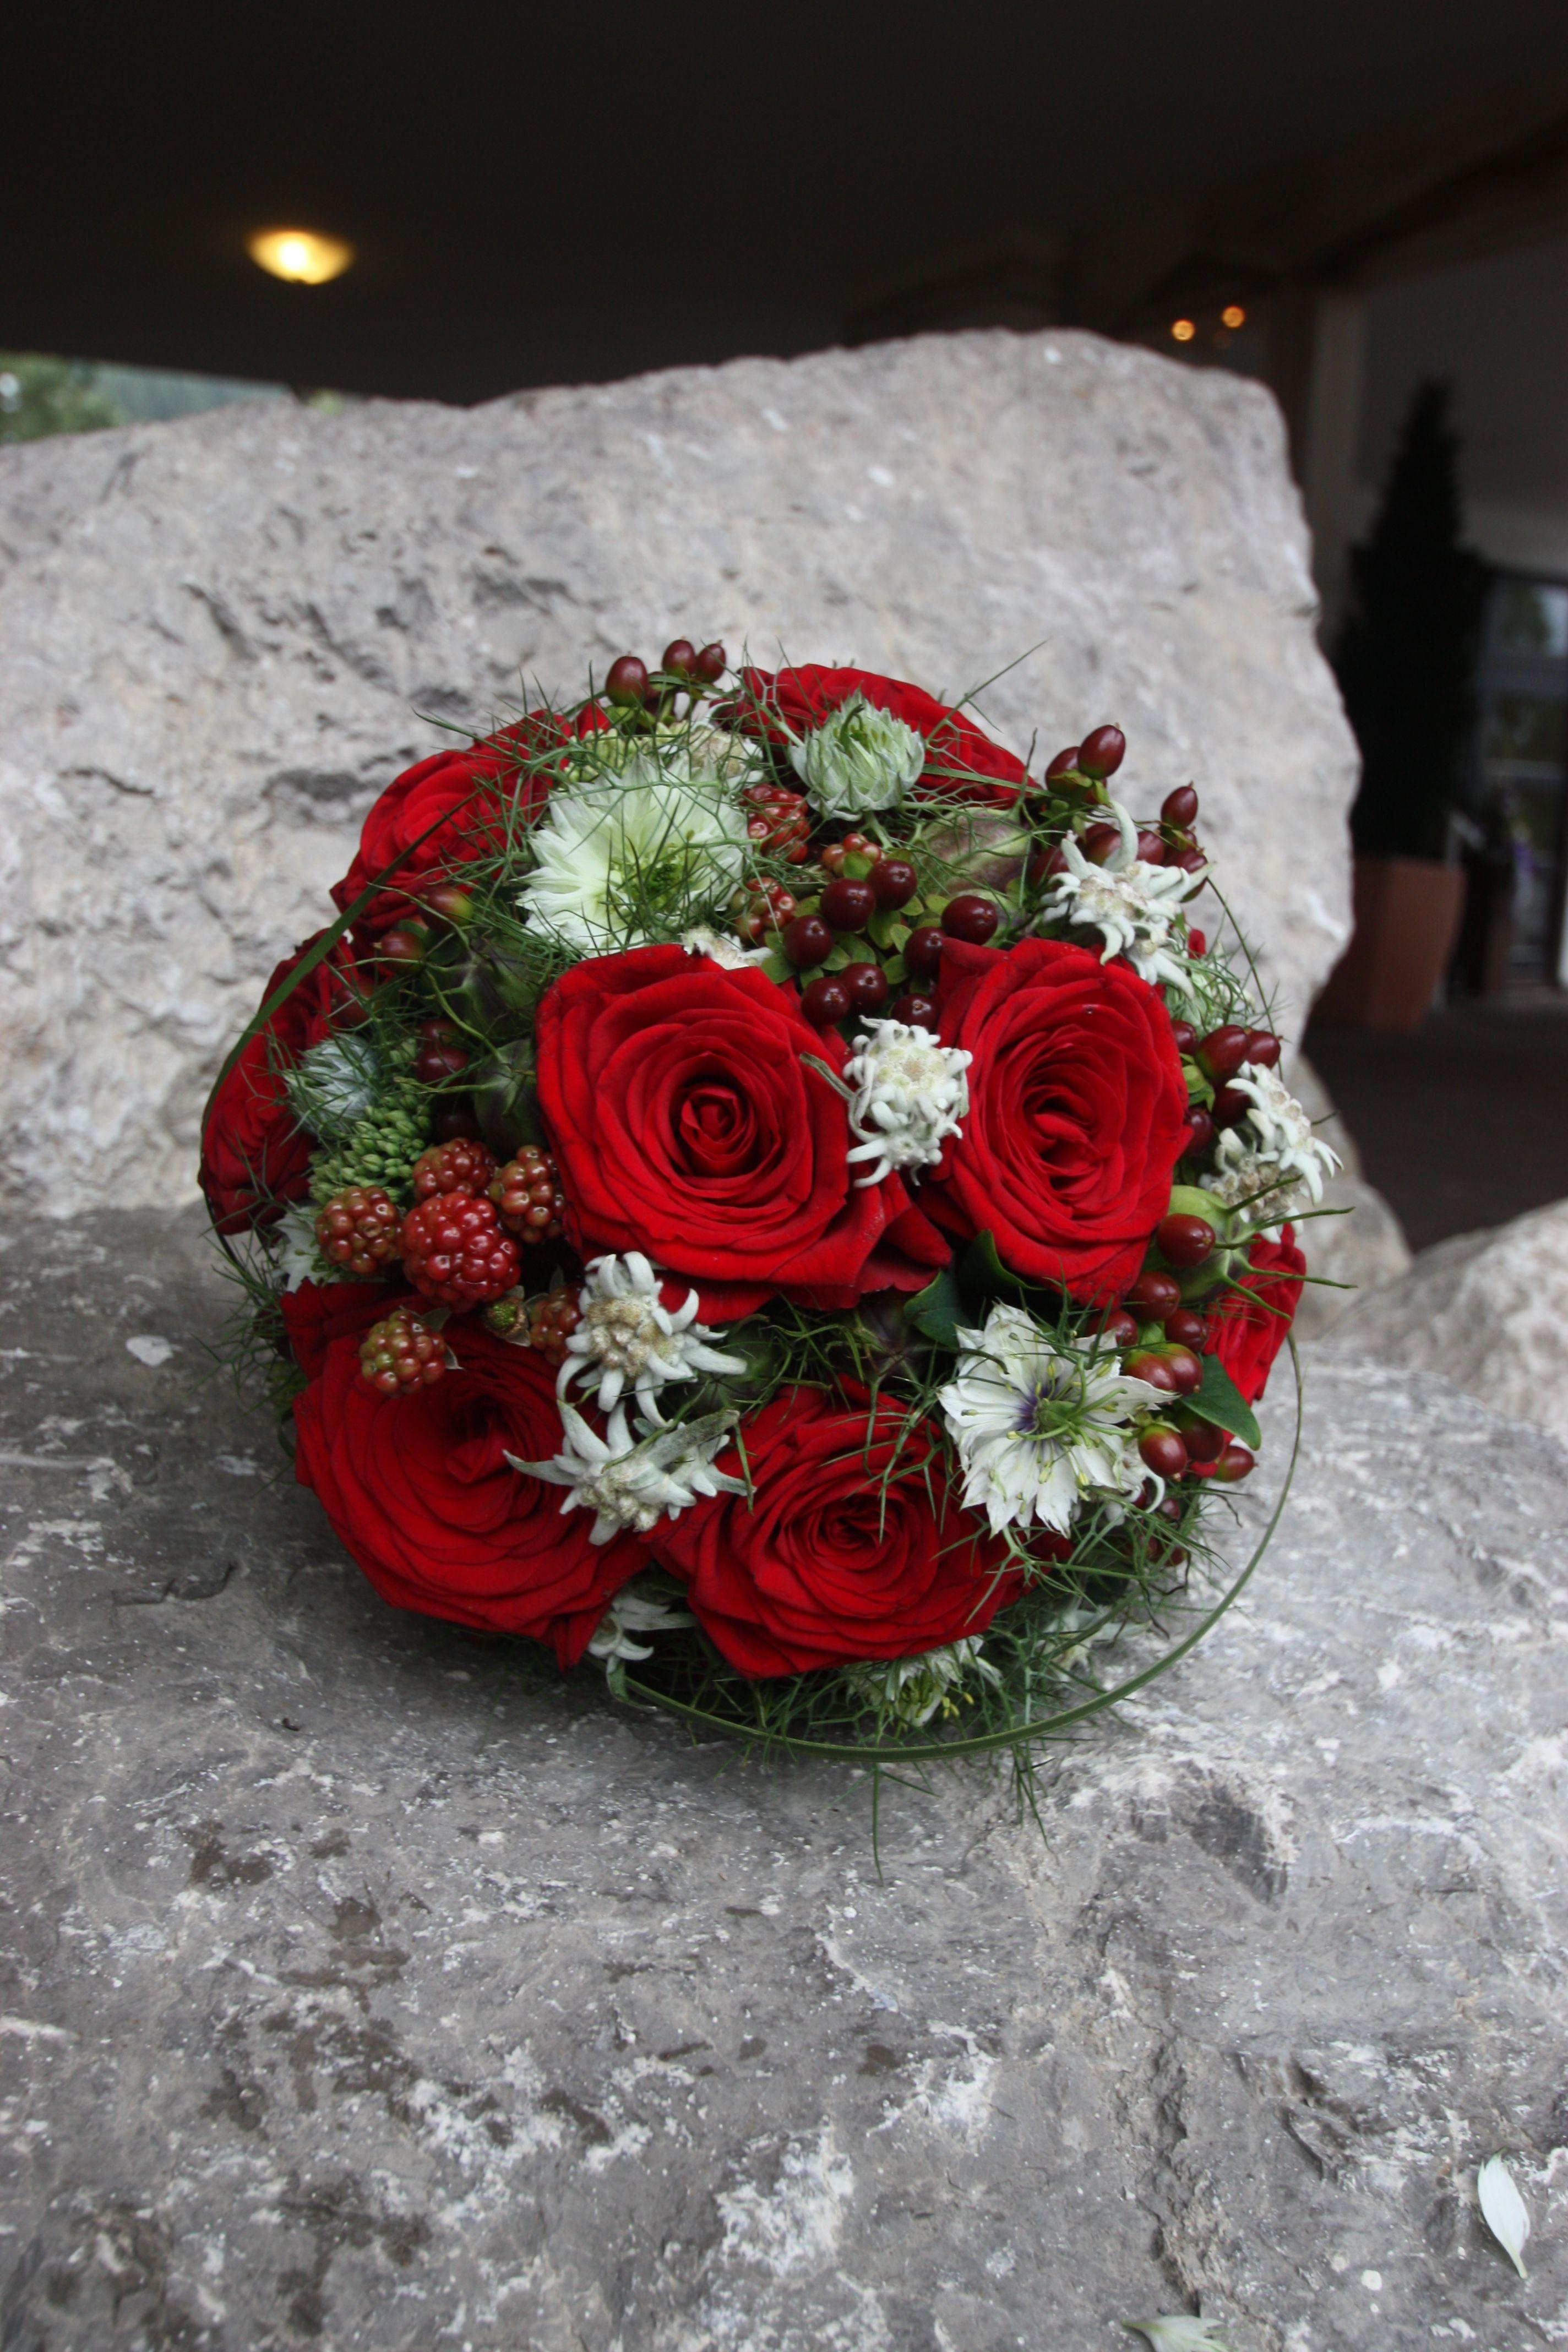 Rosenrot Und Edelweiss Sommerlich Eleganter Brautstrauss Mit